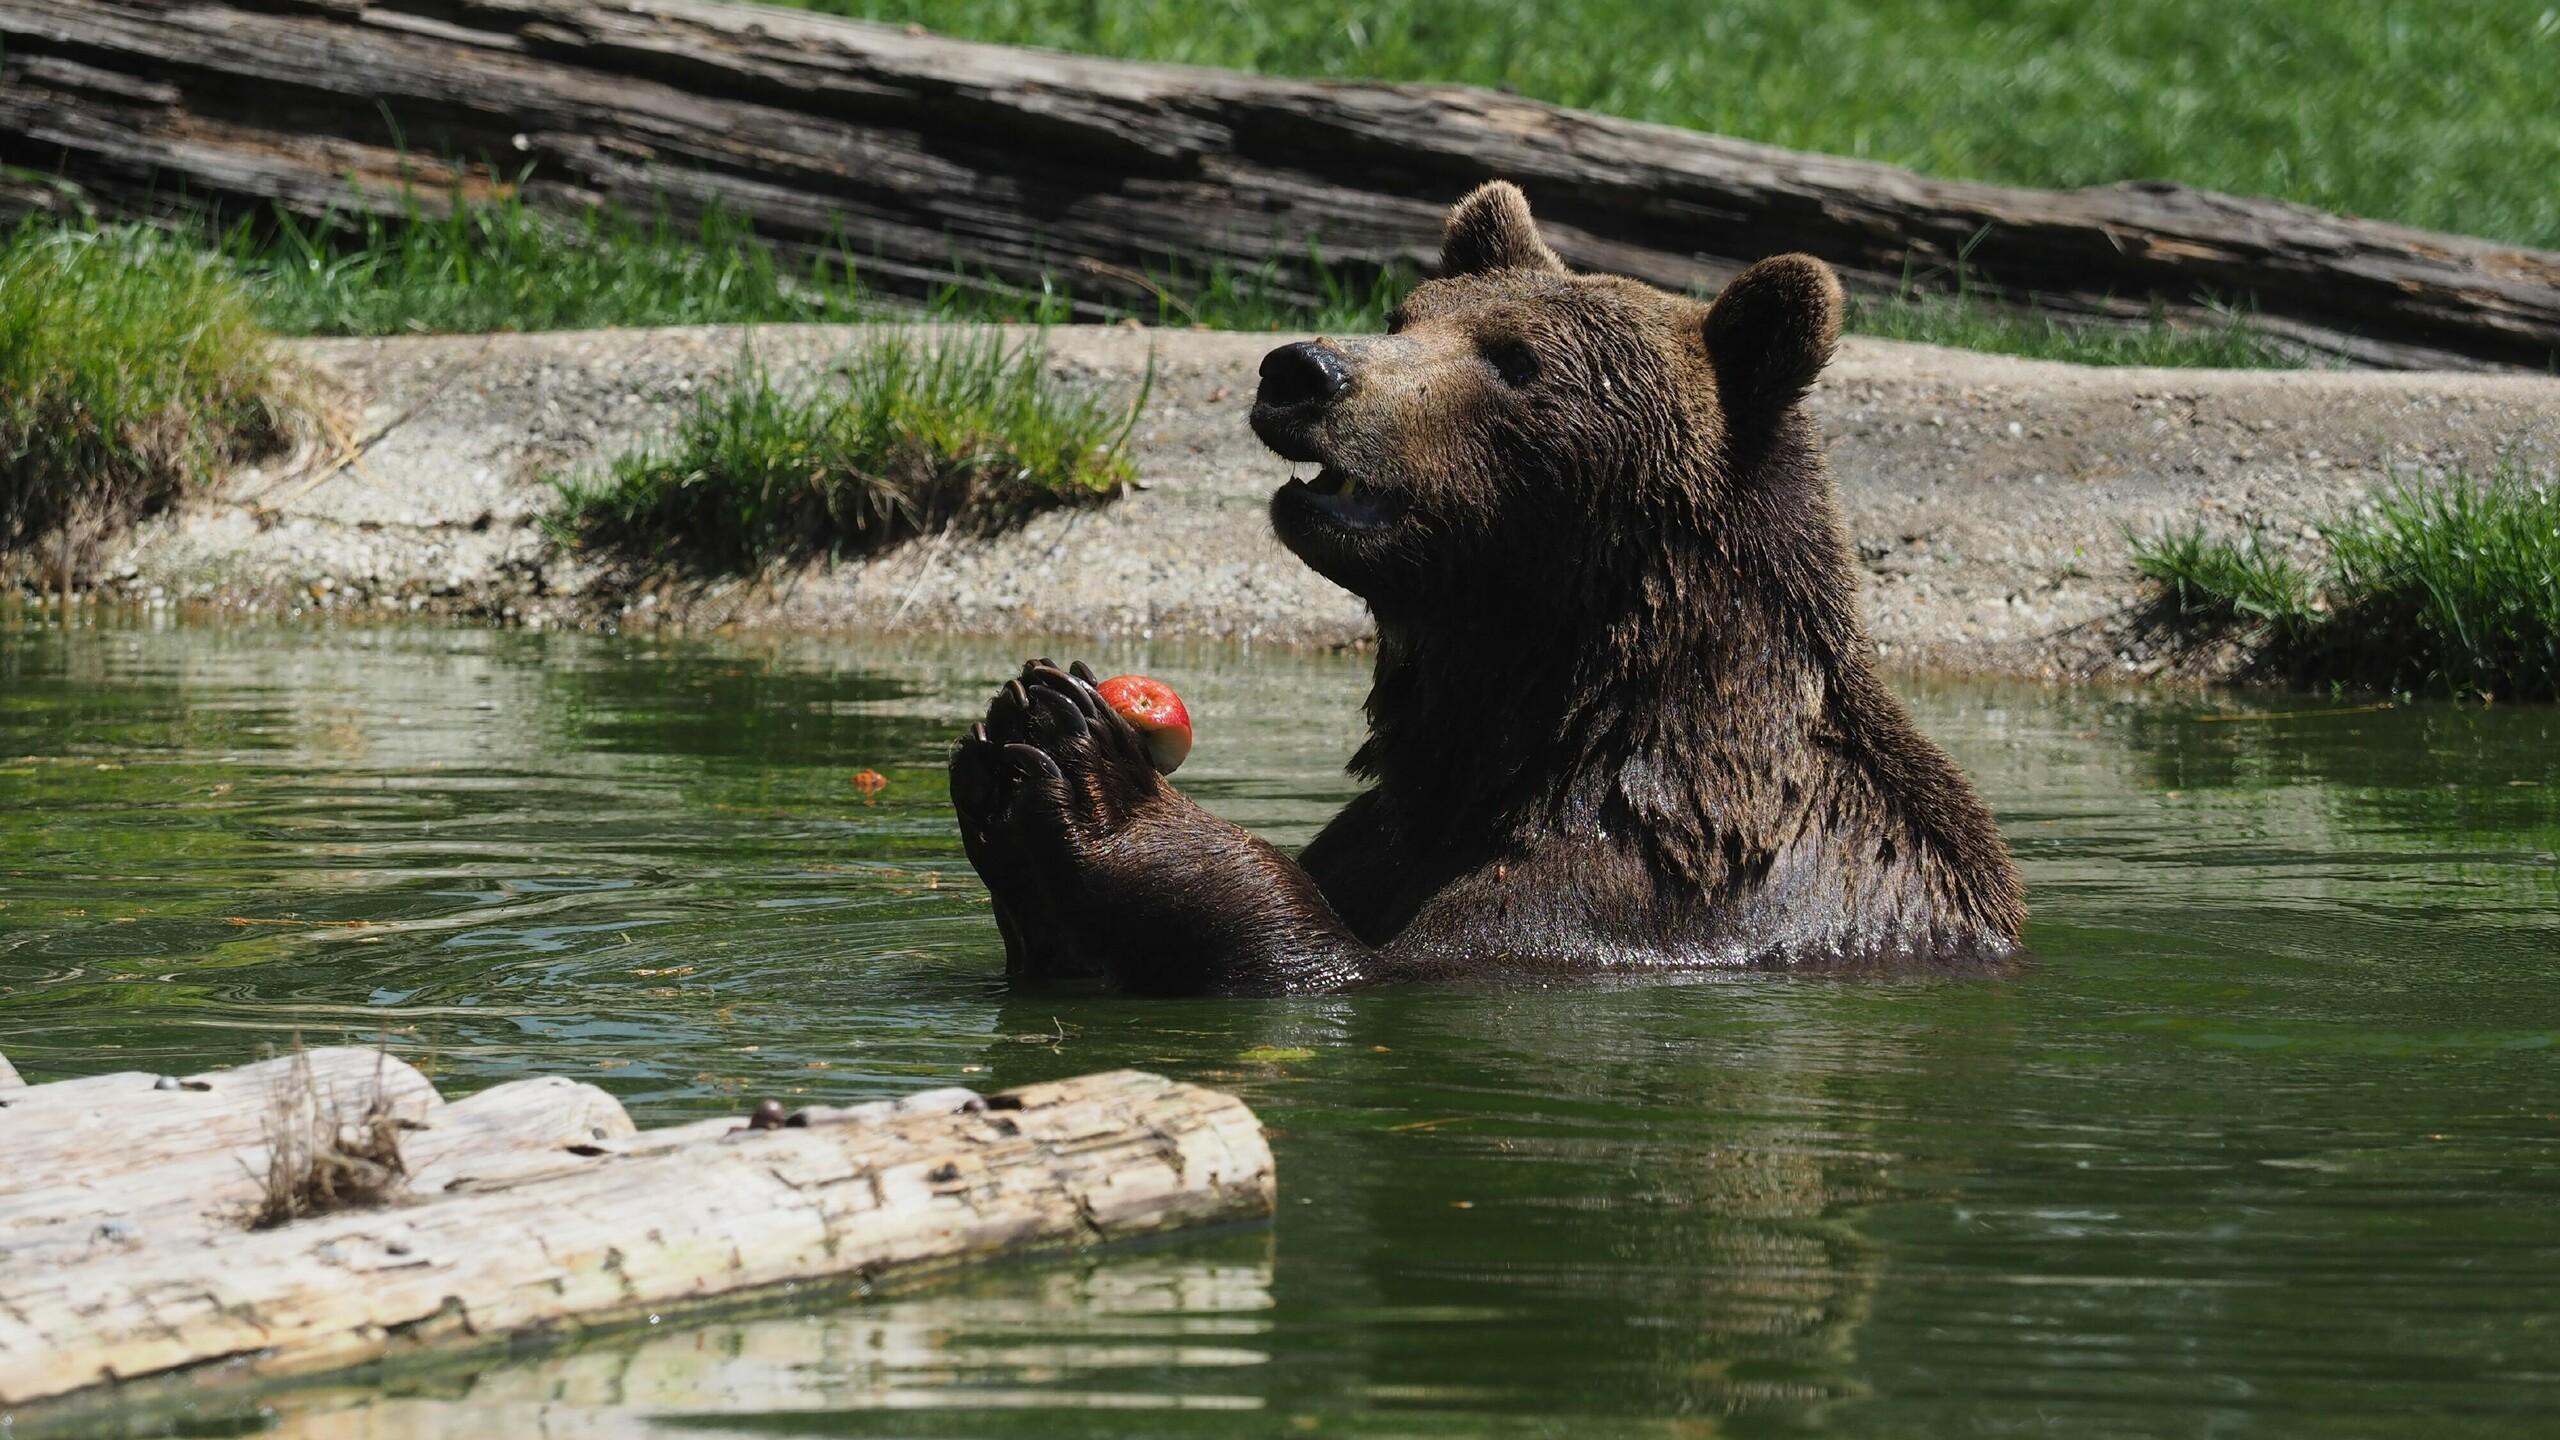 Miri ließ es sich gerne im Teich schmecken